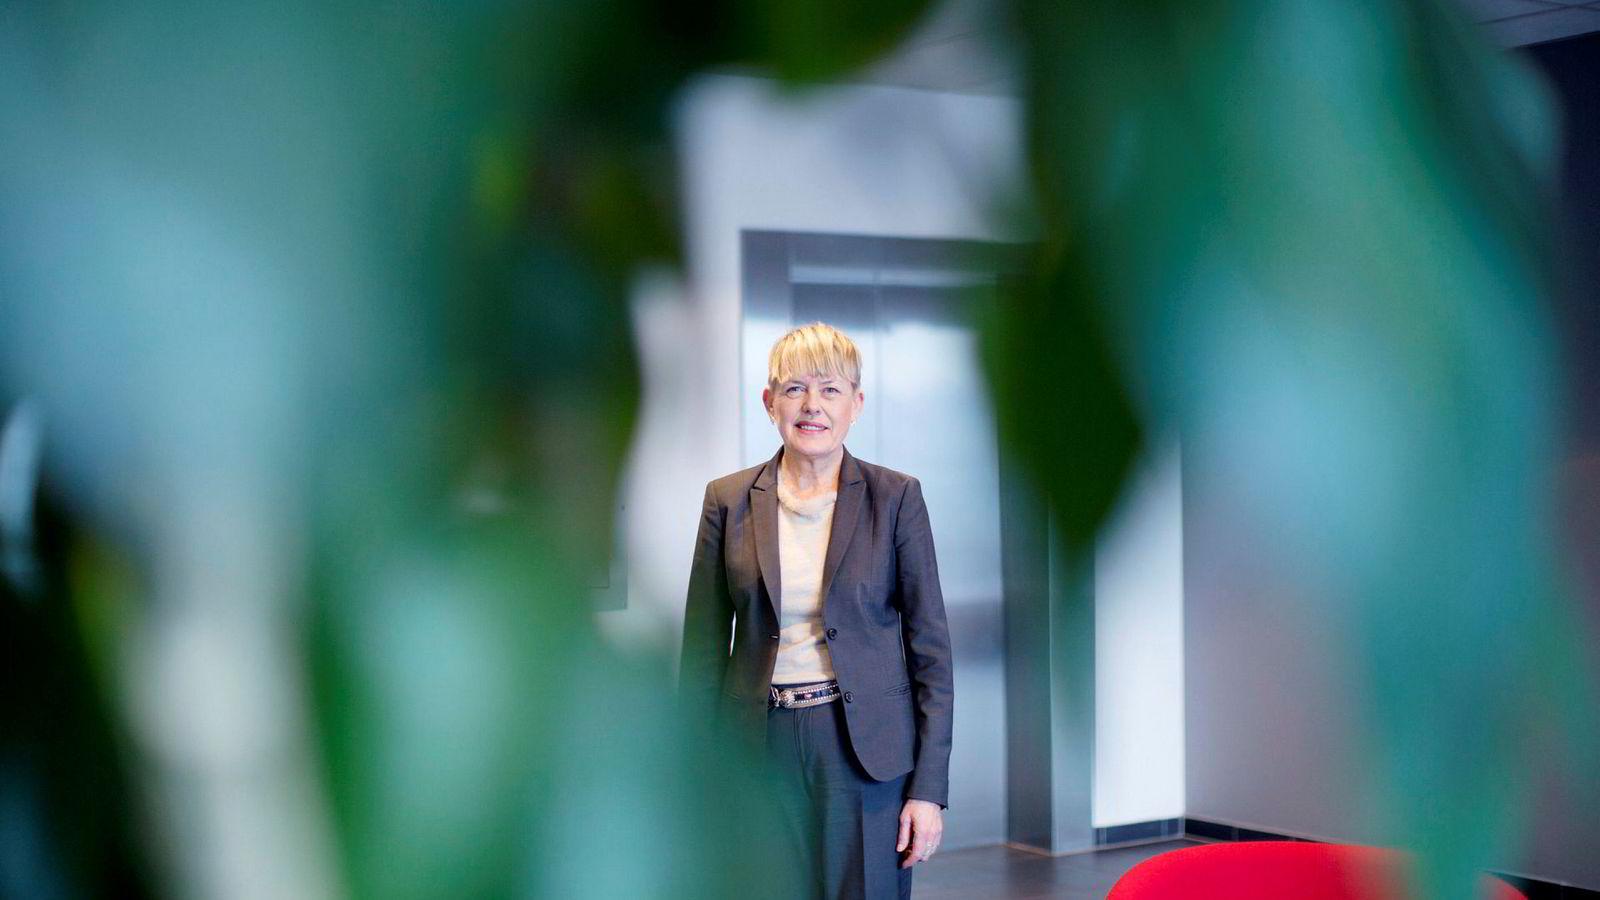 Utskjelt og bejublet måtte Astrid Søgnen forlate stillingen som Utdanningsdirektør i Oslo. Hun hadde alltid reddet seg inn på prestasjonene – studie på studie har vist at grunnskoleelevene i Oslo har gjort det bra.